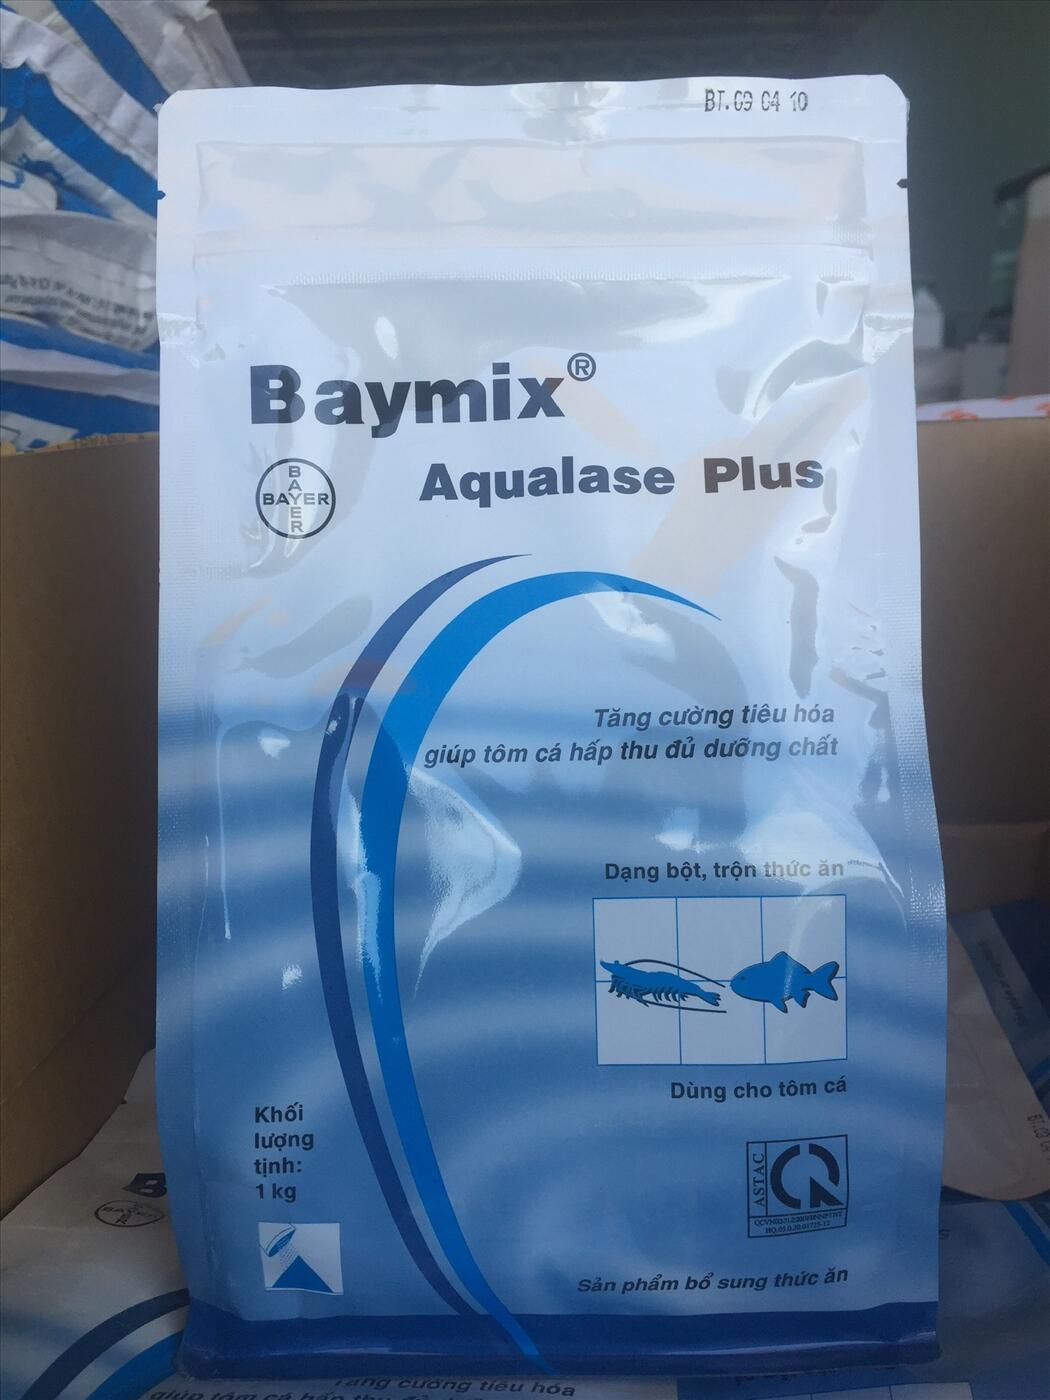 Baymix® Aqualase Plus